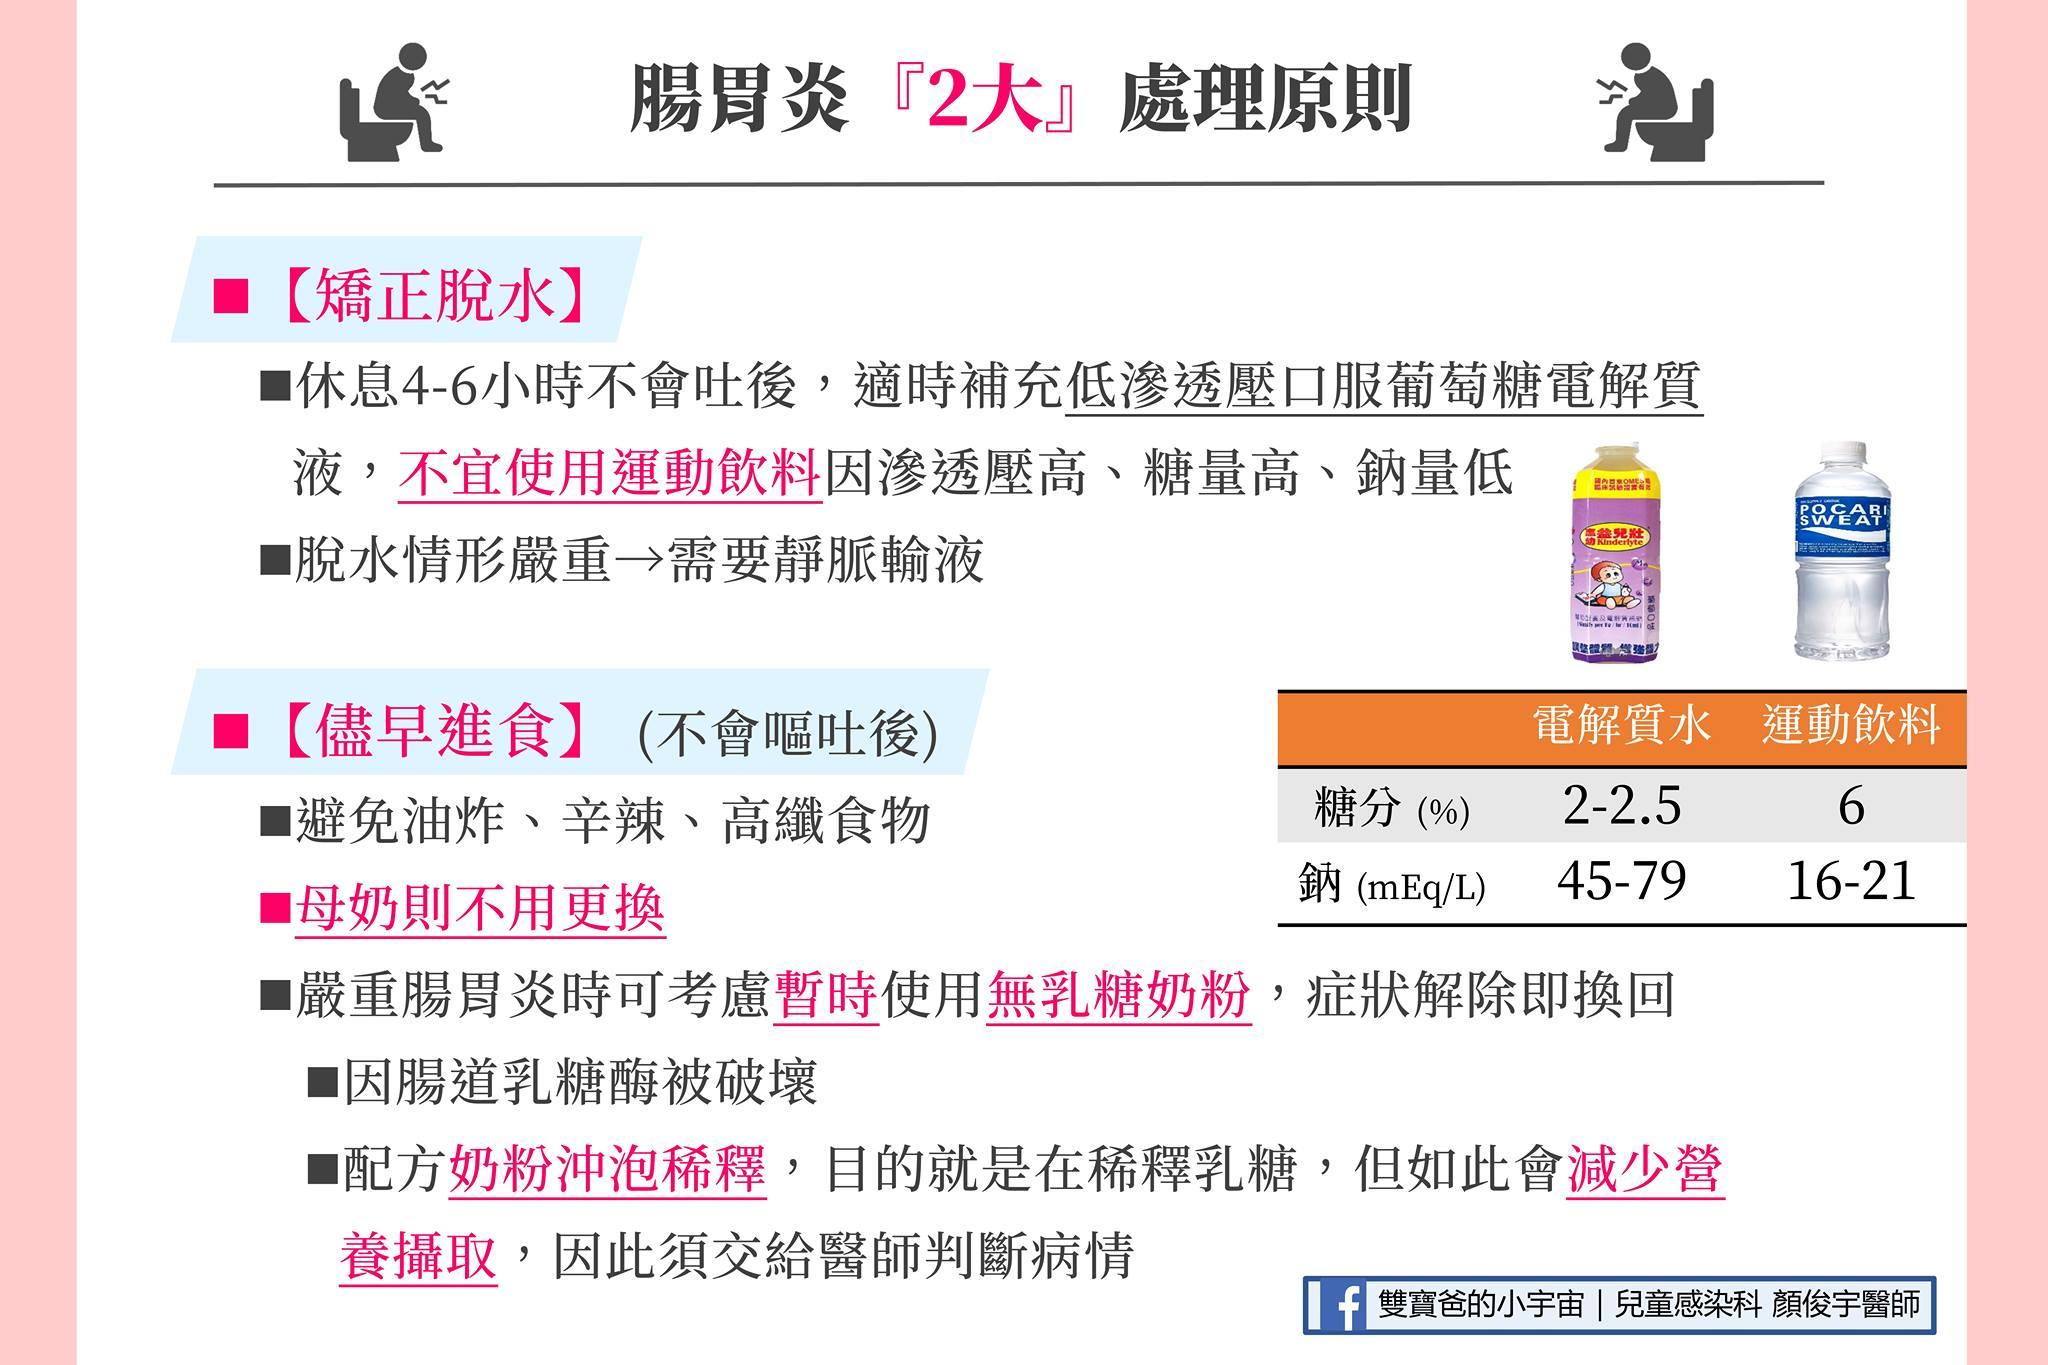 腸胃炎2大處理原則,包括矯正脫水、盡早進食